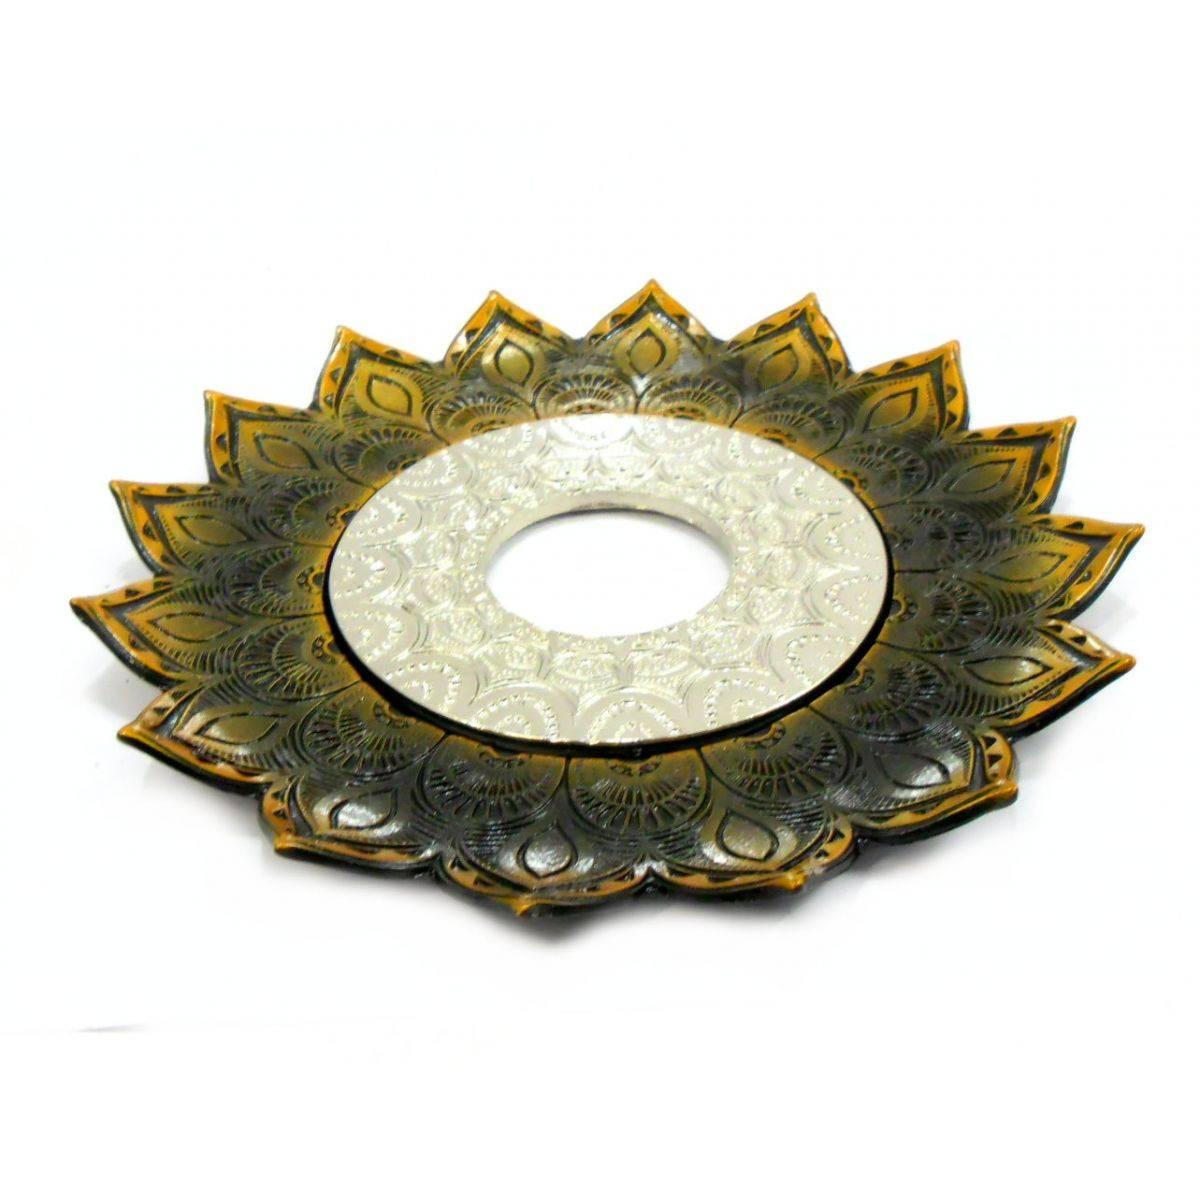 Prato Artemis 17cm. em liga metálica maciço, inox e decorado em alto relevo. Cor: OURO VELHO.